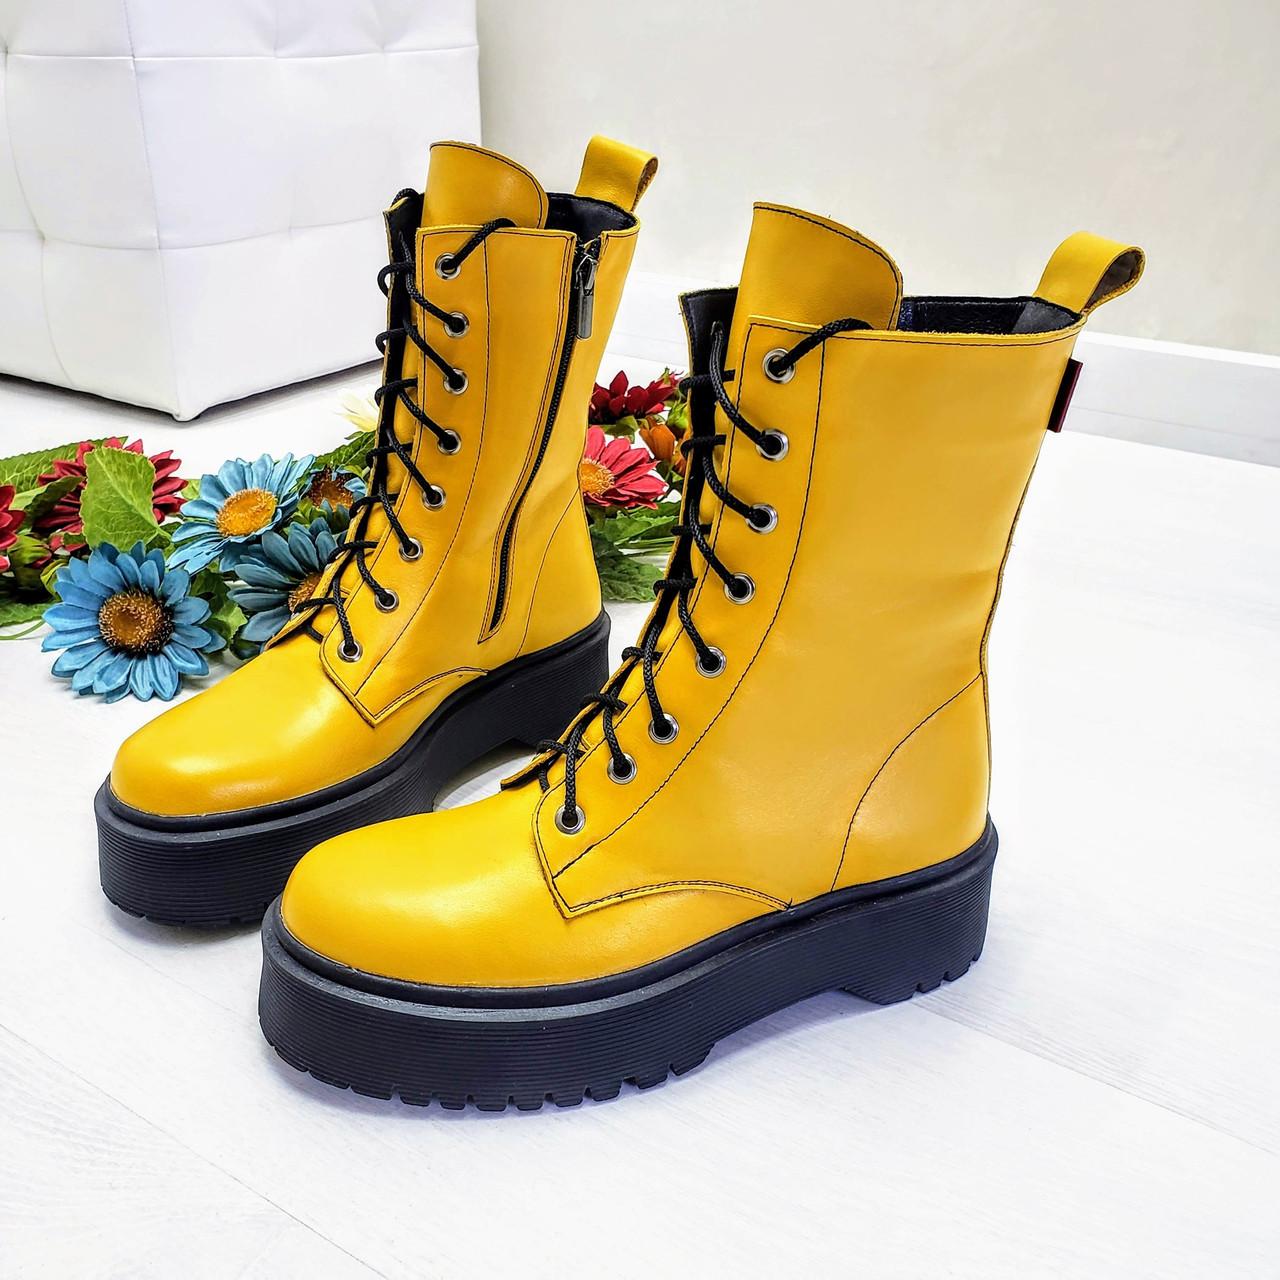 Женские демисезонные ботинки на молнии со шнуровкой